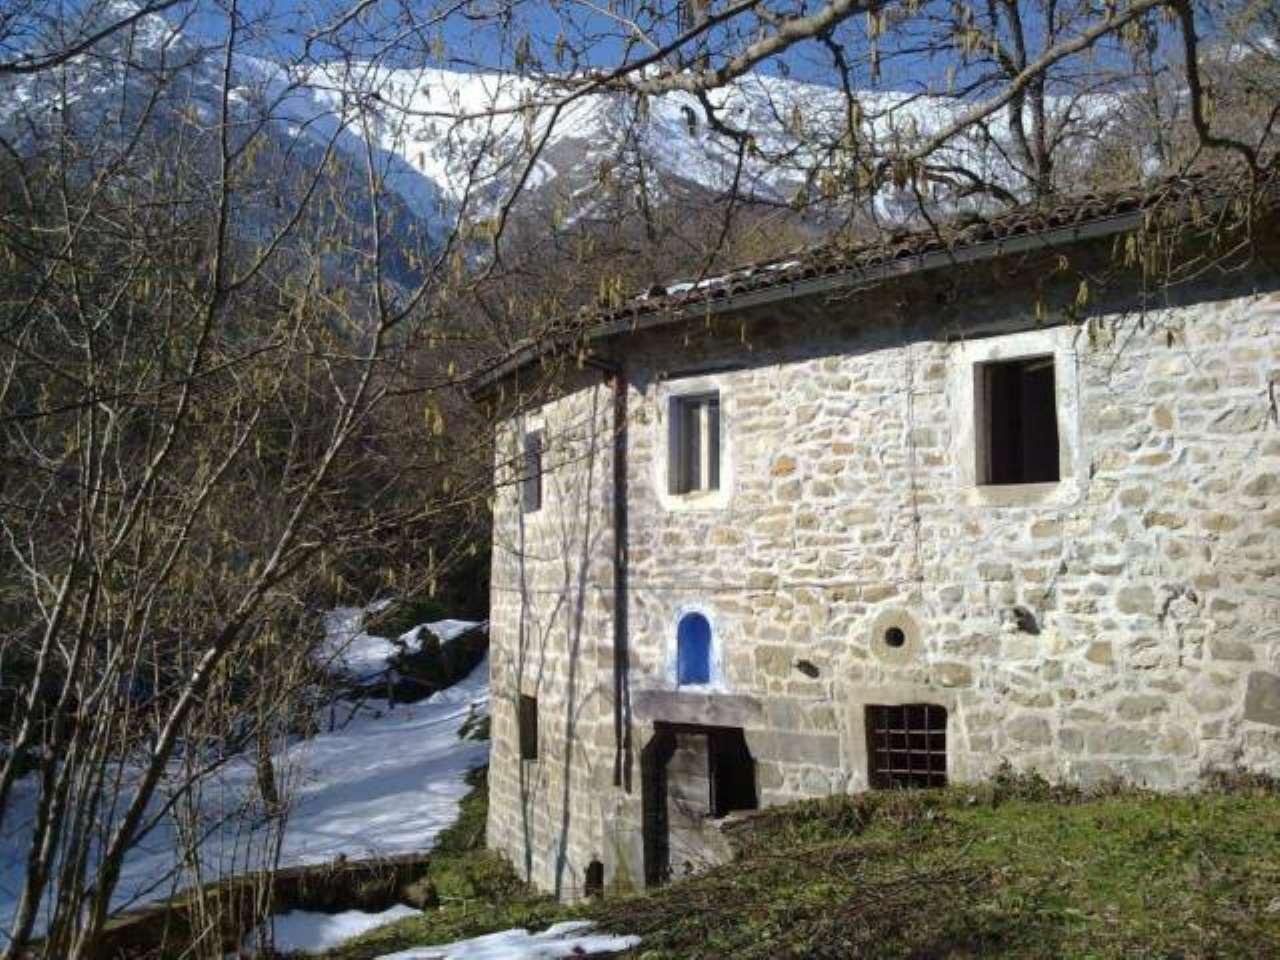 Rustico / Casale in vendita a Montegallo, 6 locali, prezzo € 170.000 | CambioCasa.it